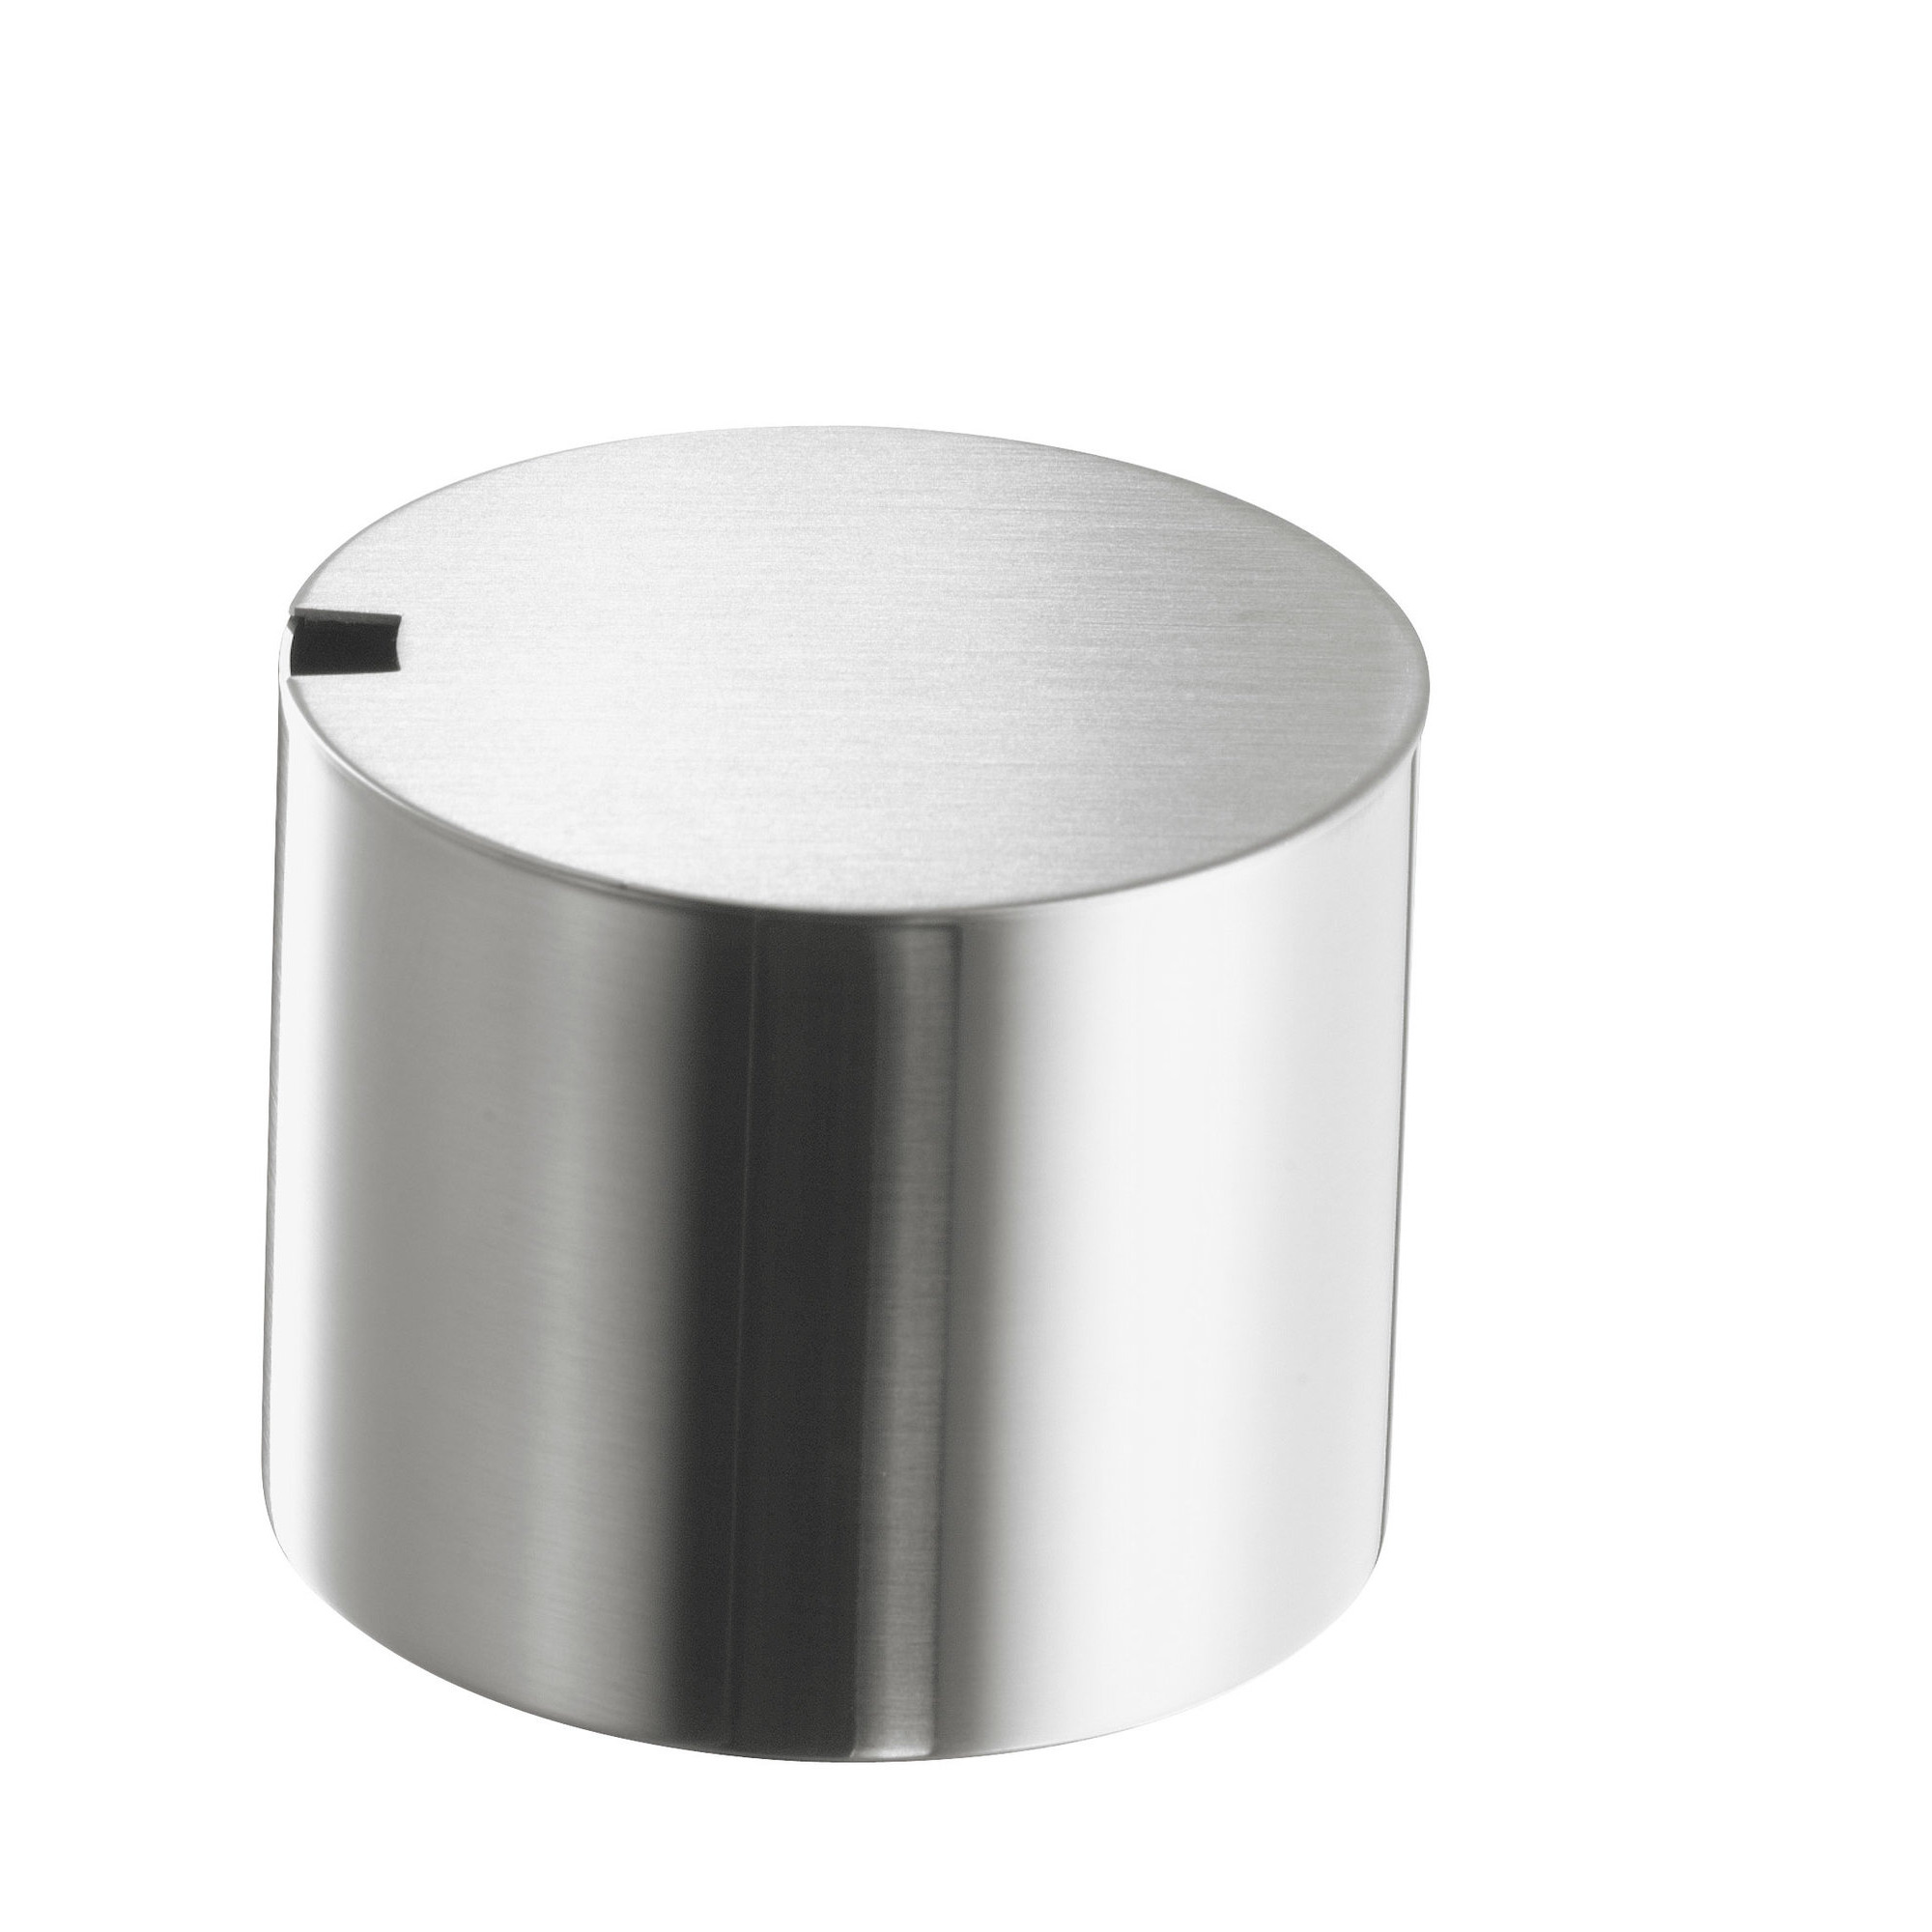 Stelton AJ sukkerskål 0.20 liter